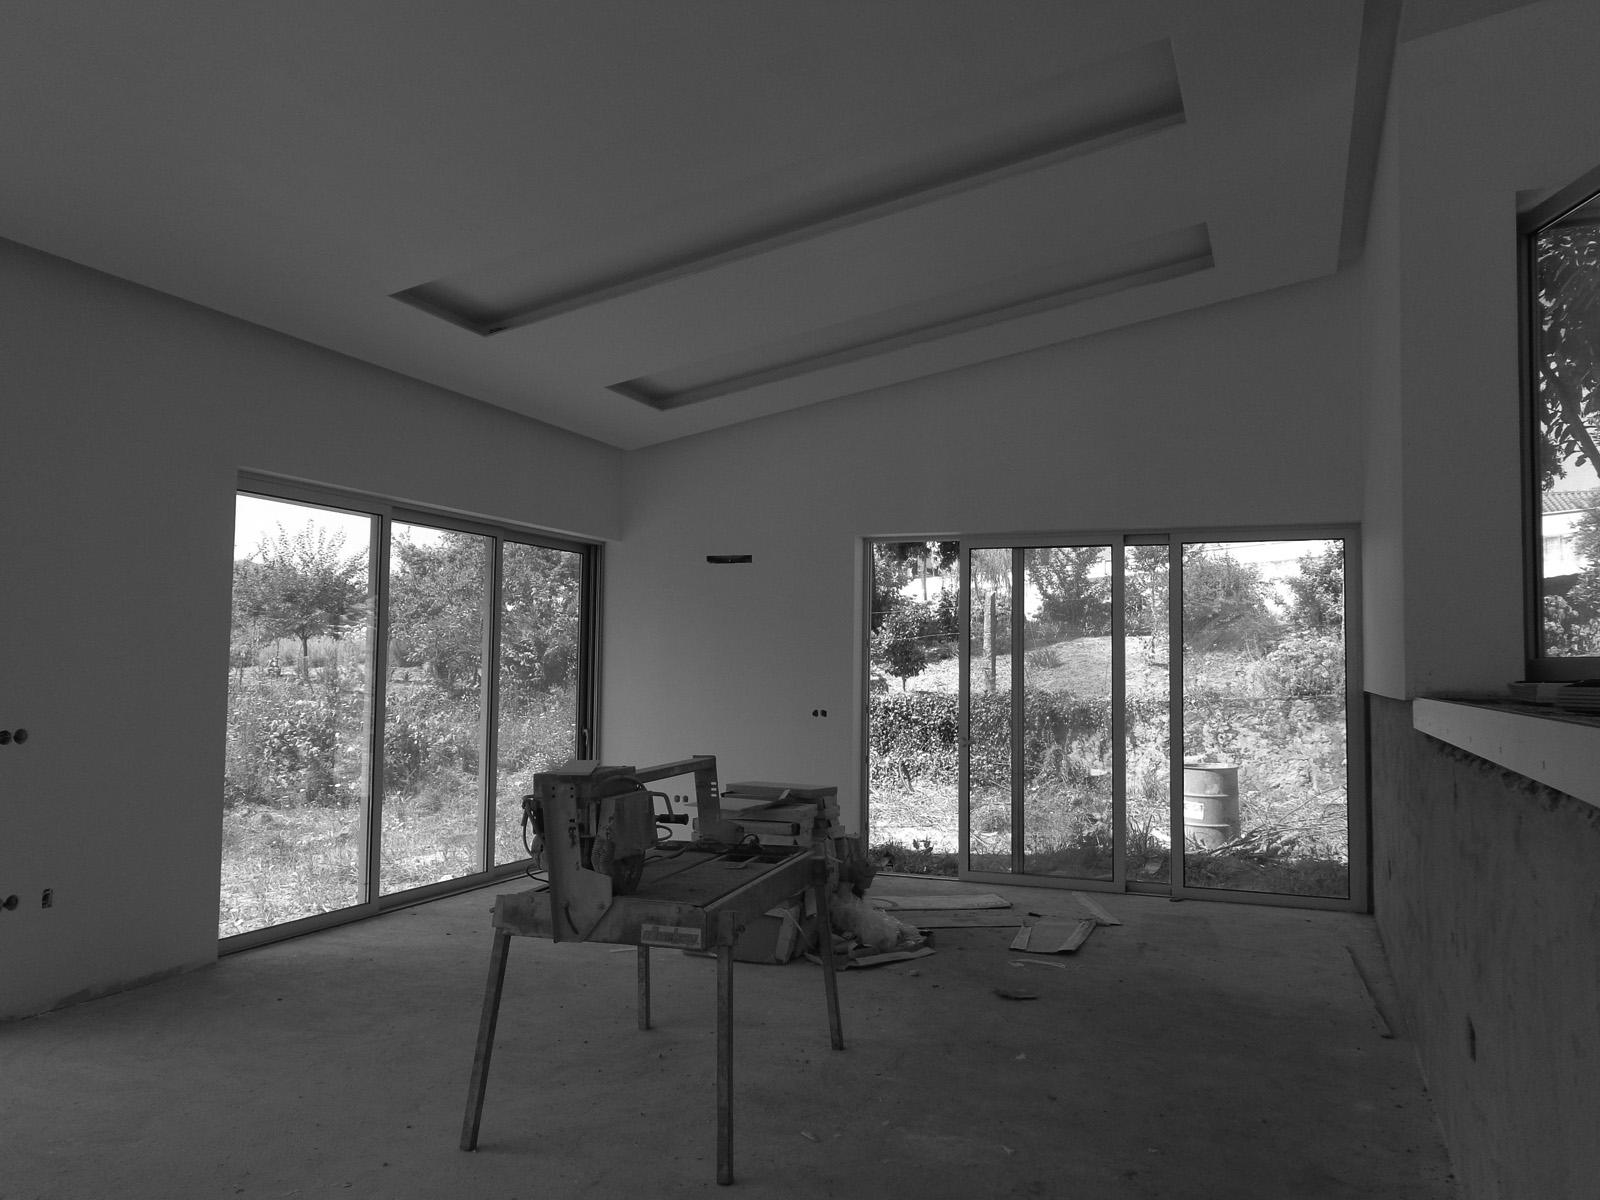 Moradia S+N - arquitectura - ossela - oliveira de azeméis - construção - arquitectos Porto - EVA evolutionary architecture (18).jpg